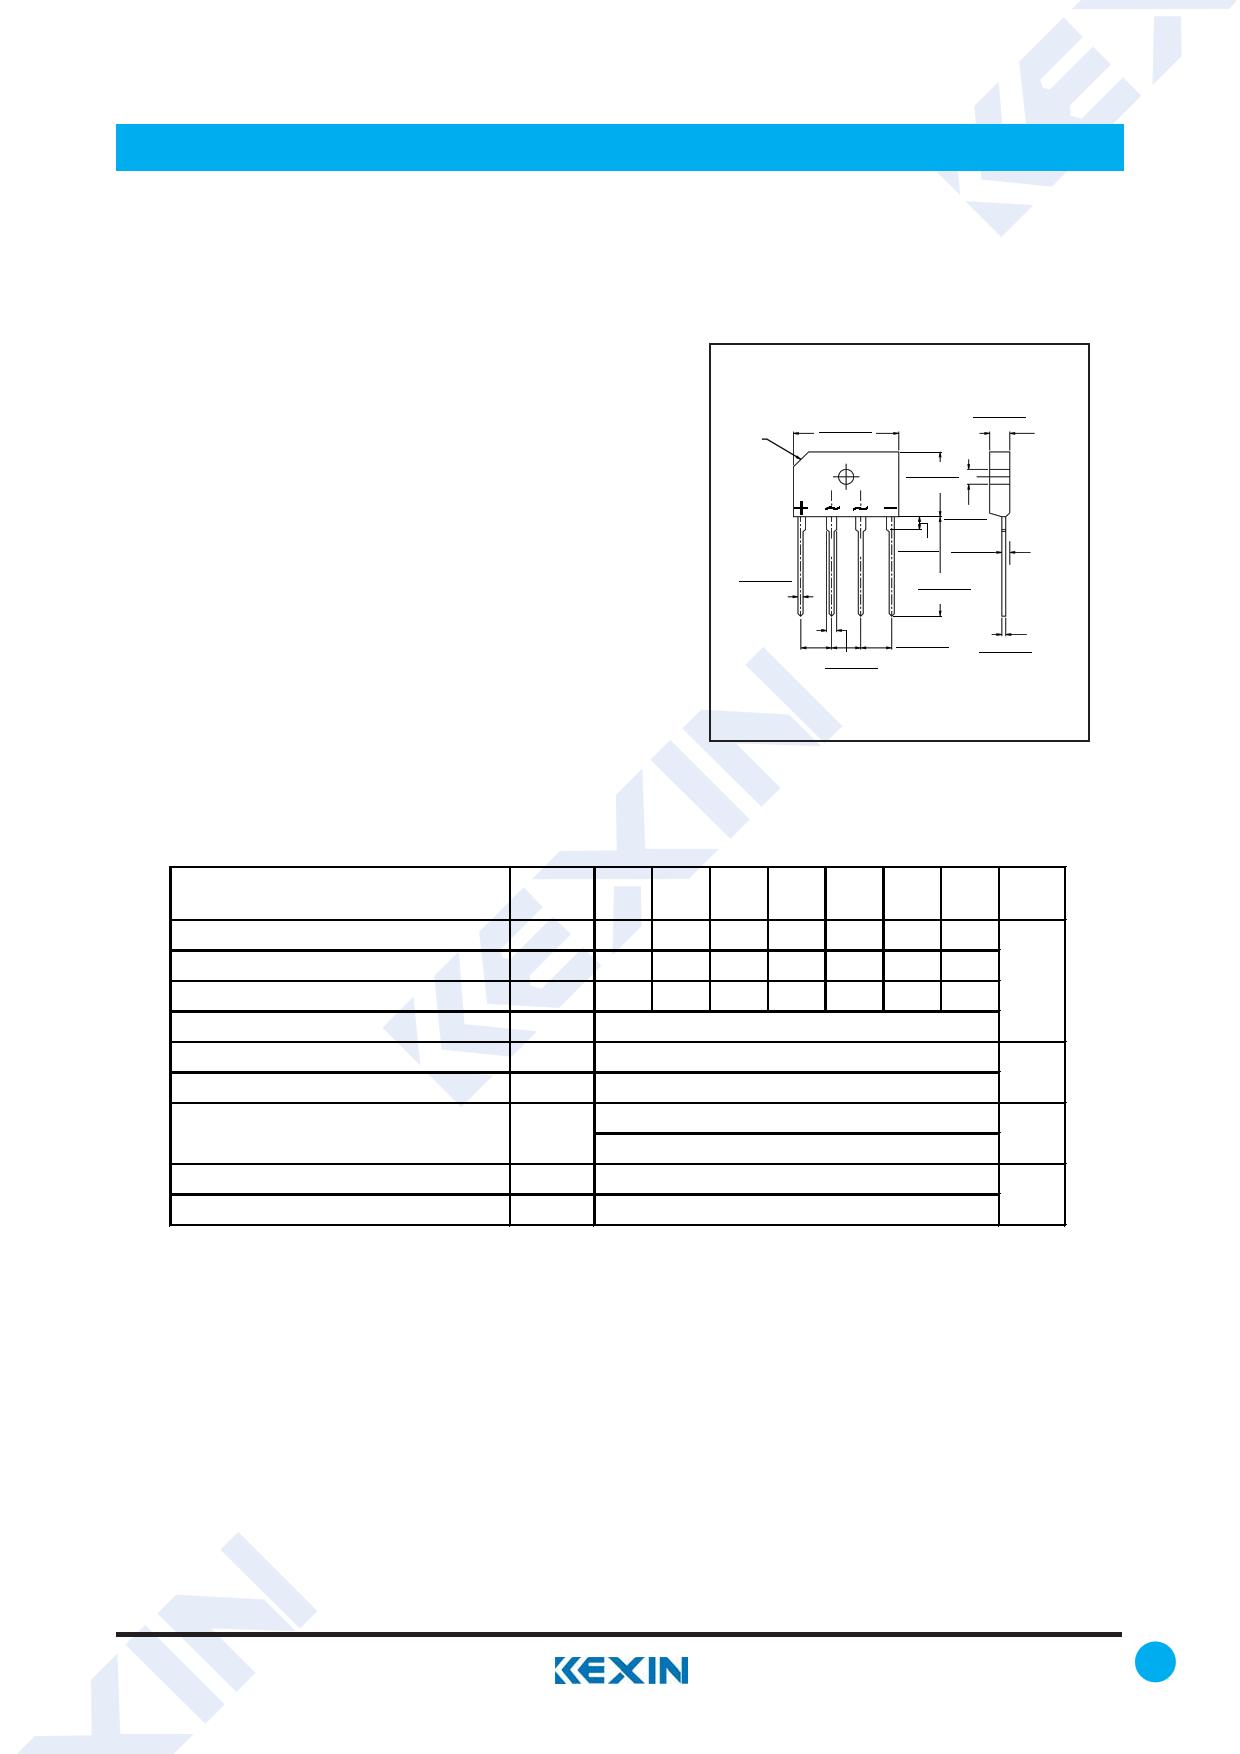 TS6B06G 데이터시트 및 TS6B06G PDF